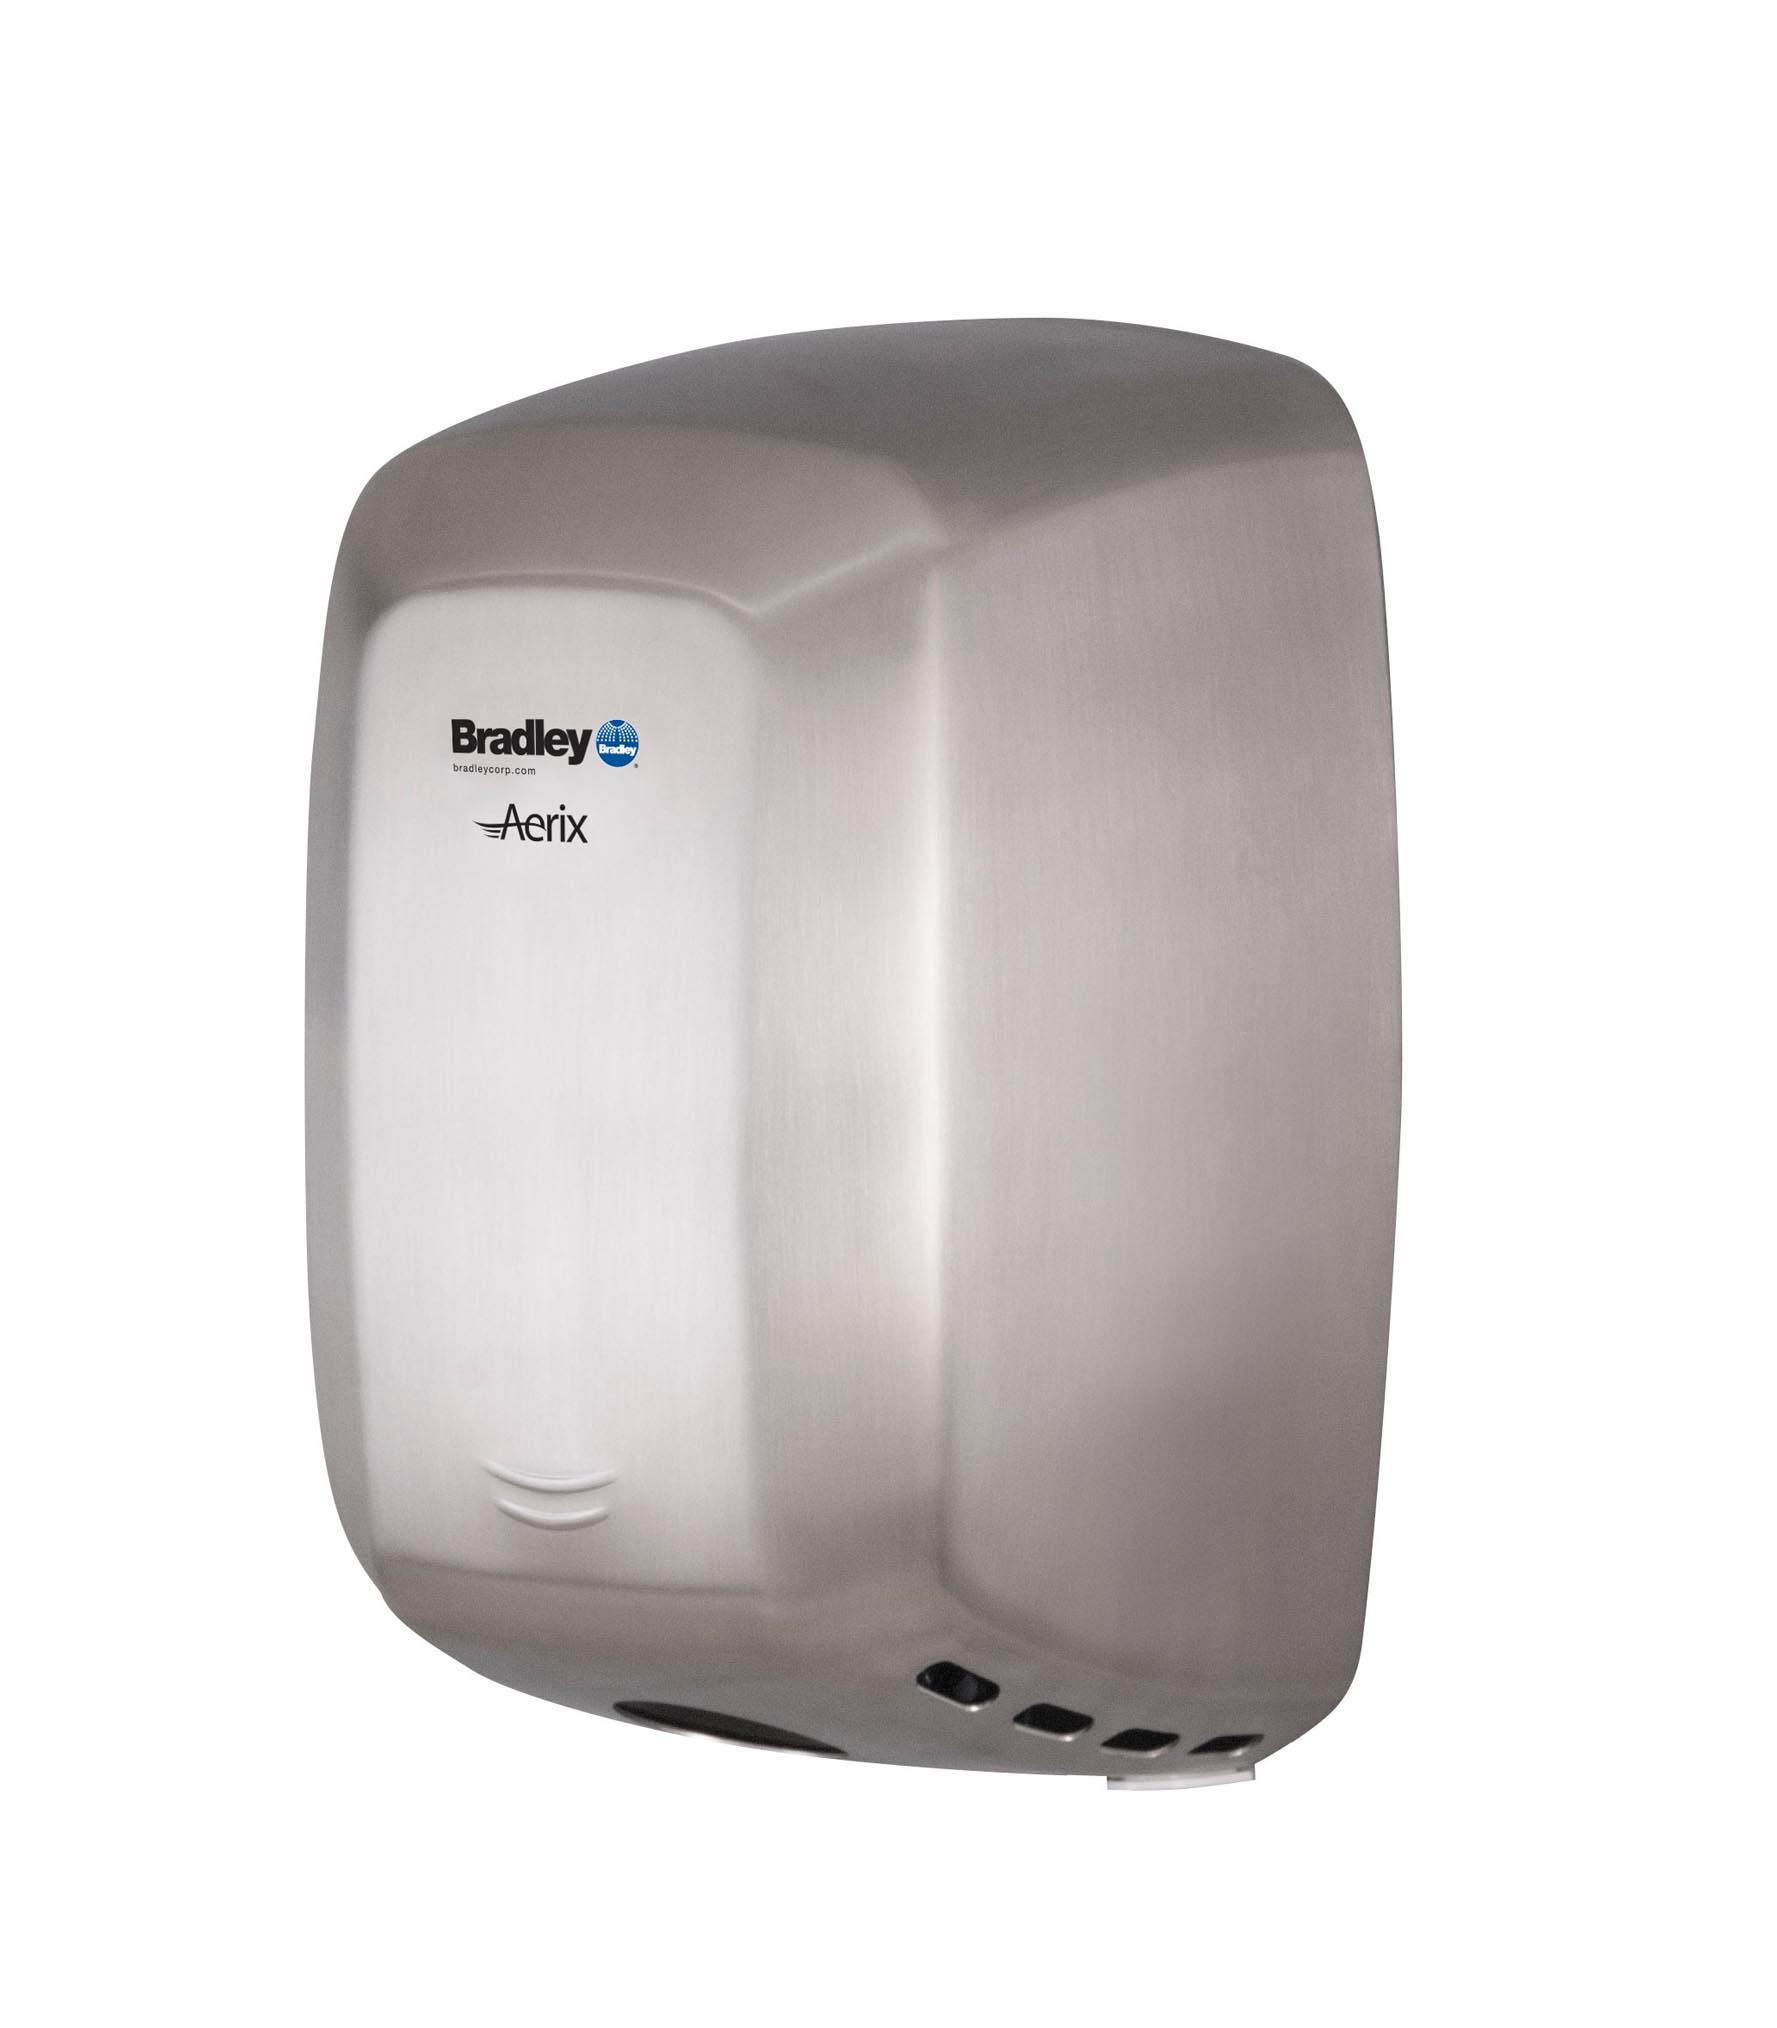 Bradley Aerix 2901-2874 Satin Stainless Steel Adjustable Speed Hand Dryer